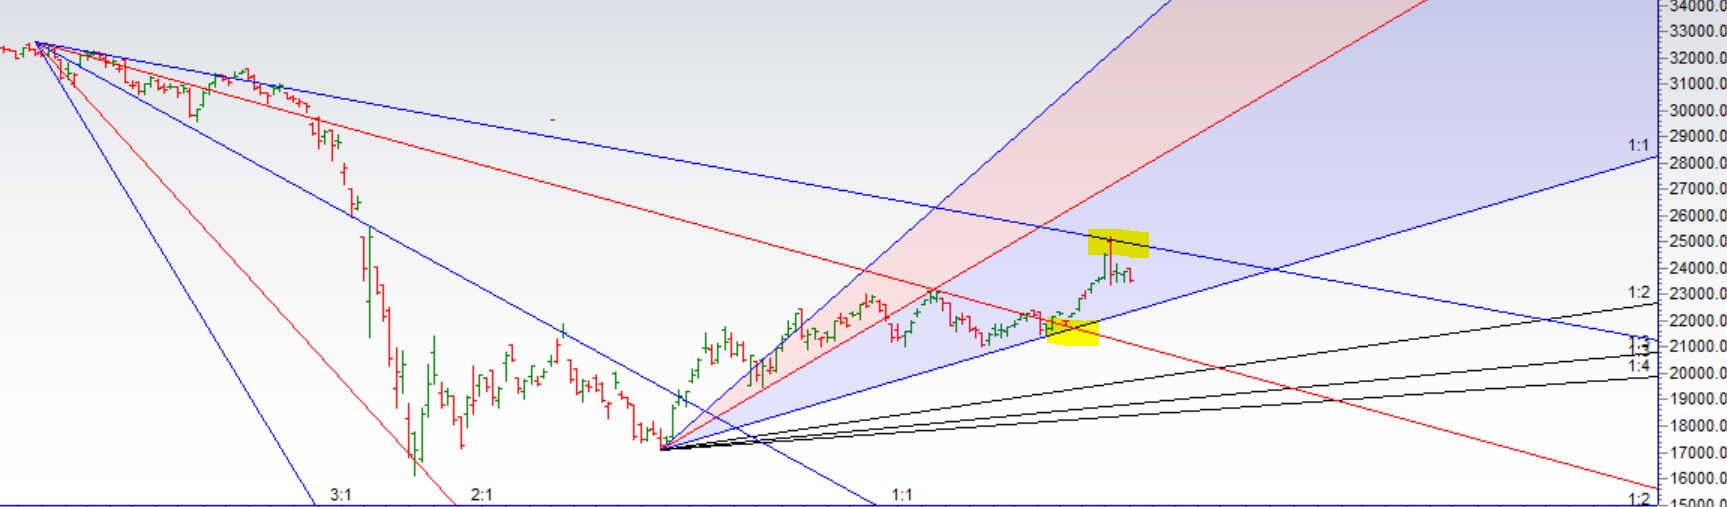 Bank Nifty Analysis for 04 Sep